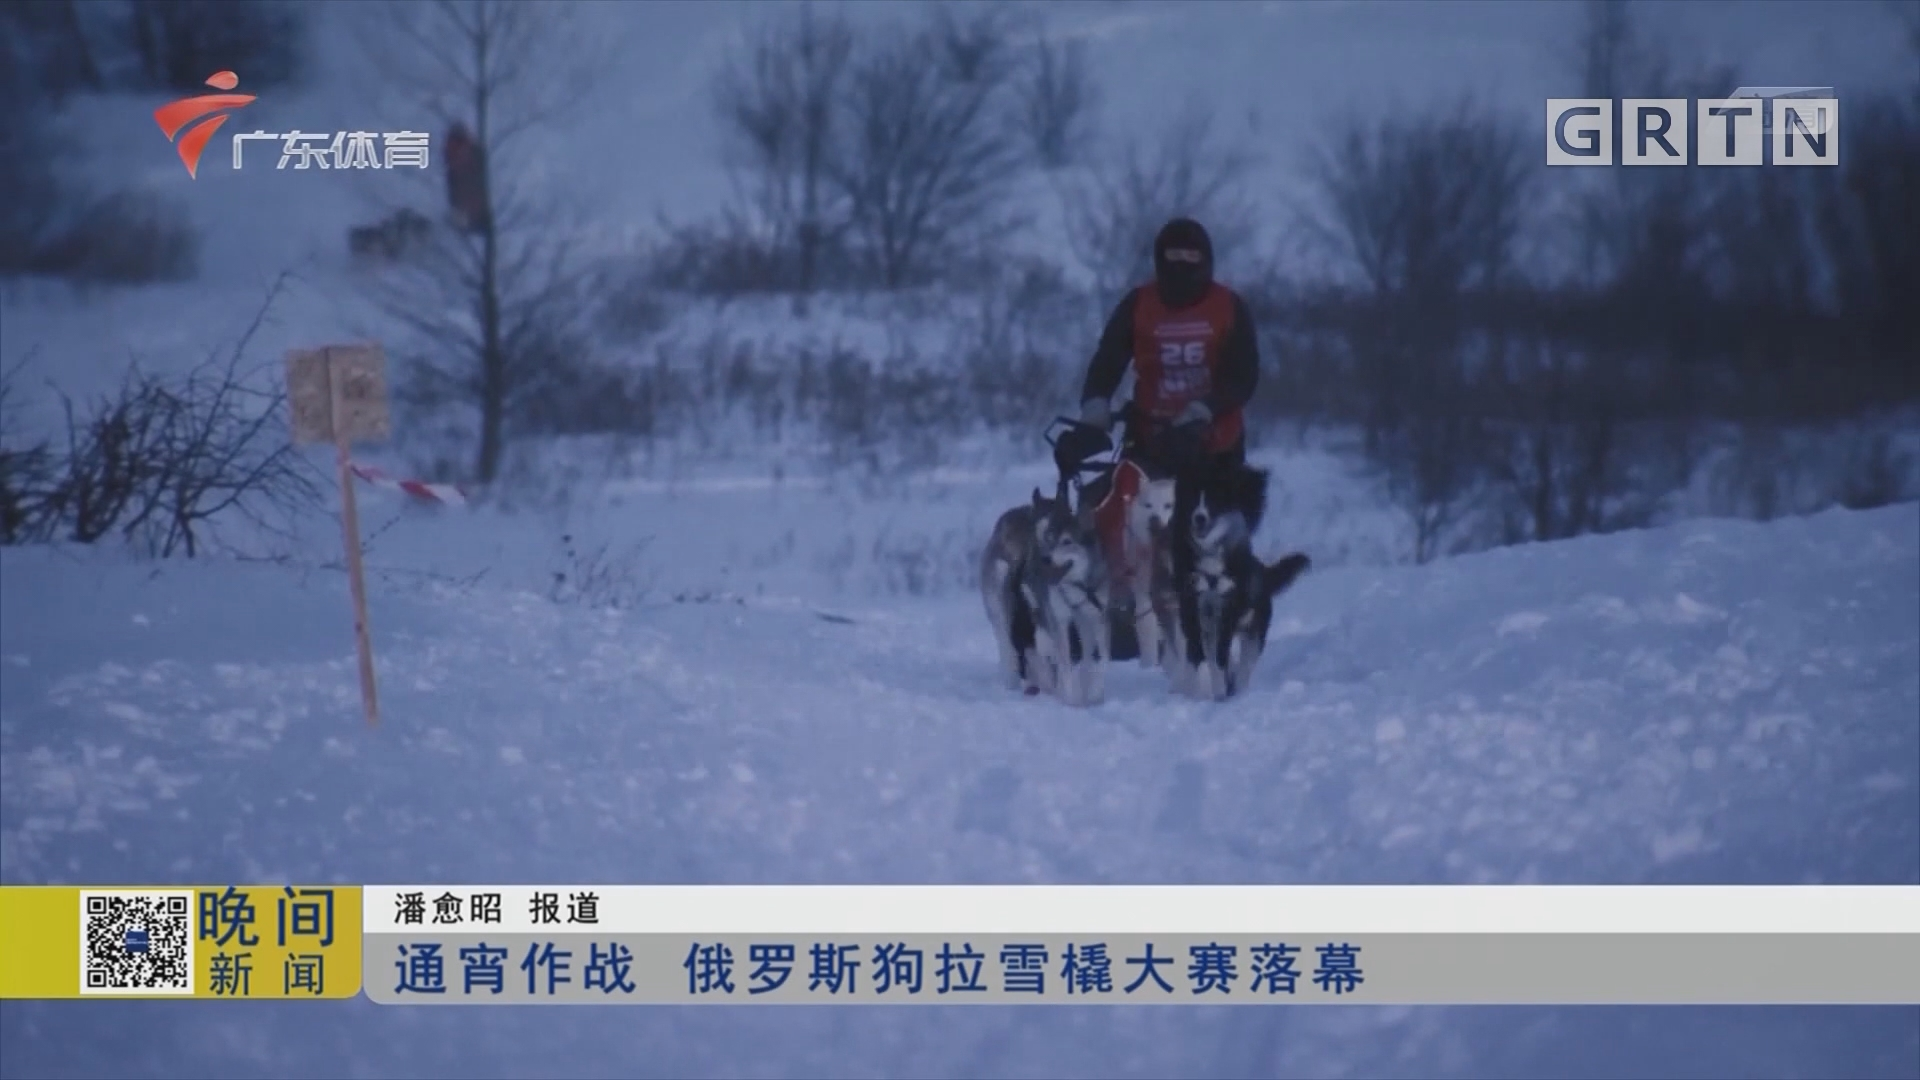 通宵作战 俄罗斯狗拉雪橇大赛落幕